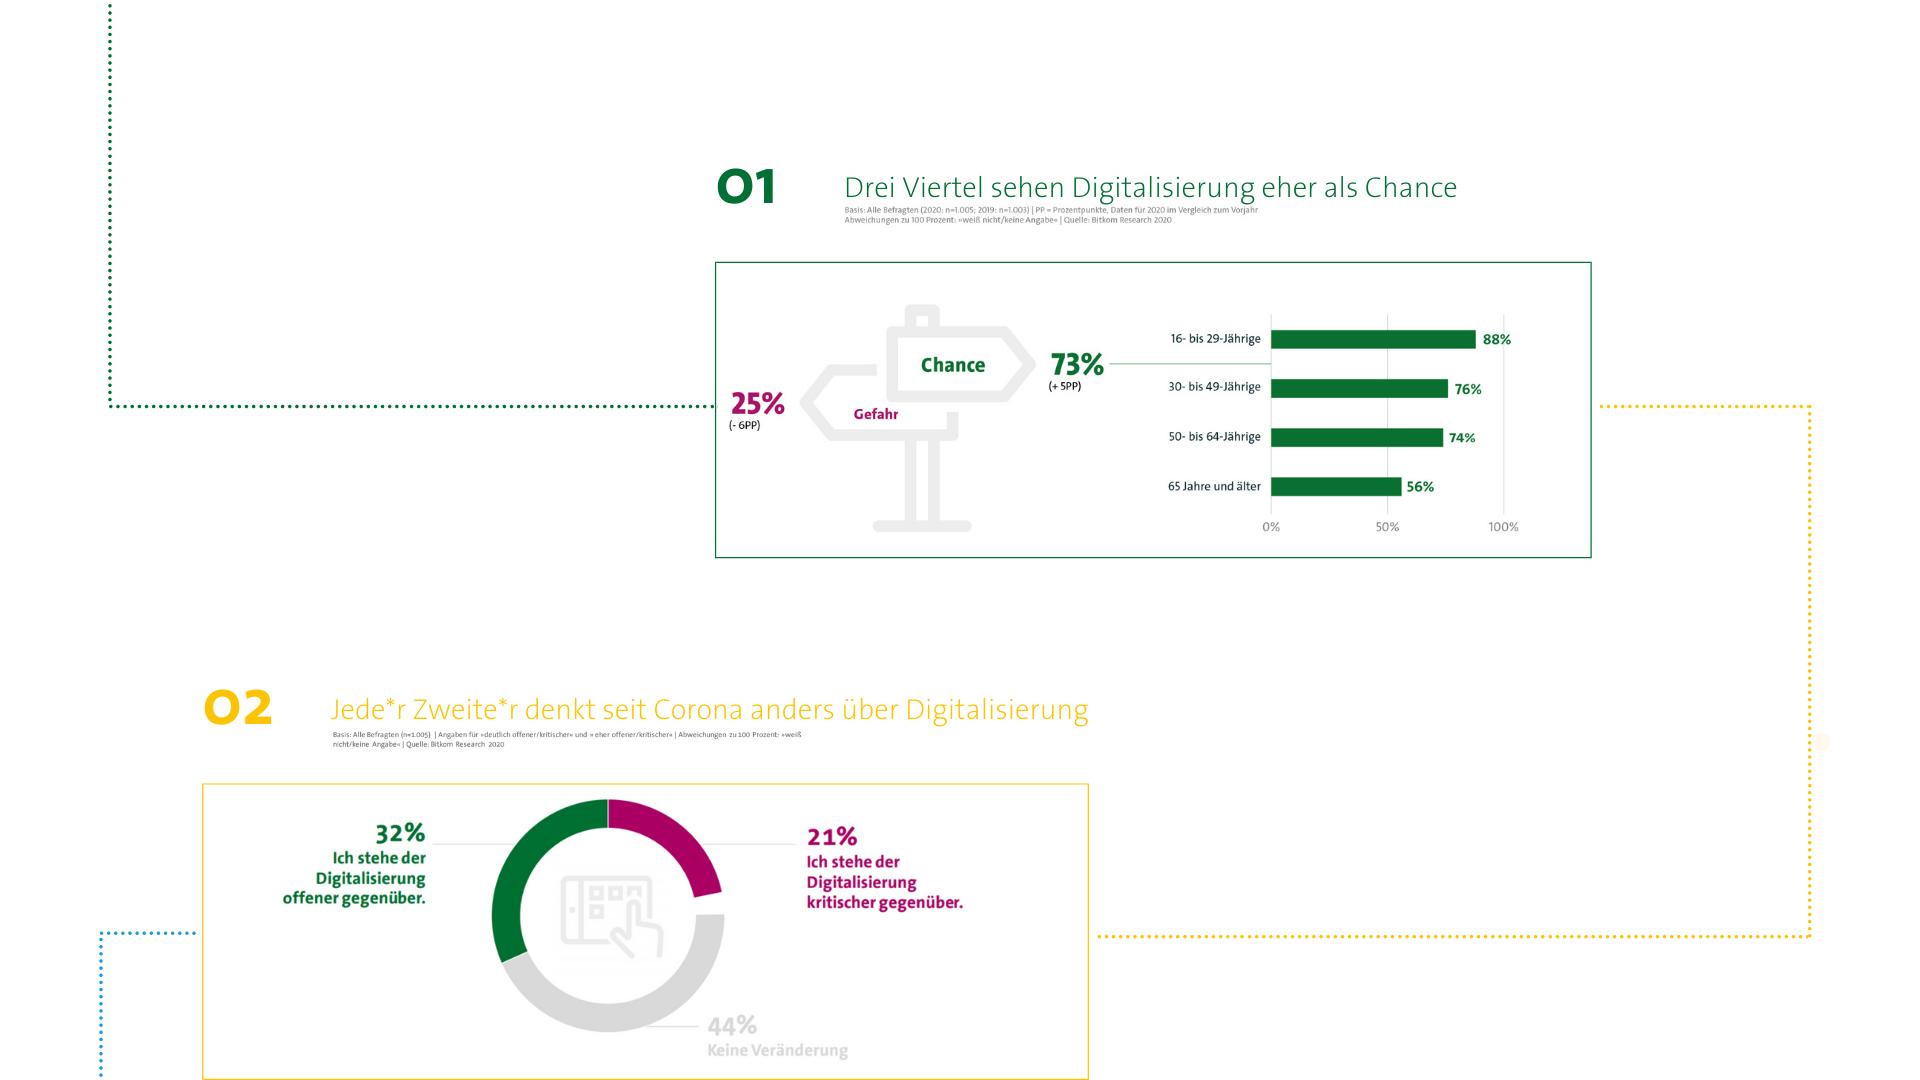 Drei Viertel sehen Digitalisierung als Chance, jede Zweite denkt anders über Digitalisierung seit Corona.